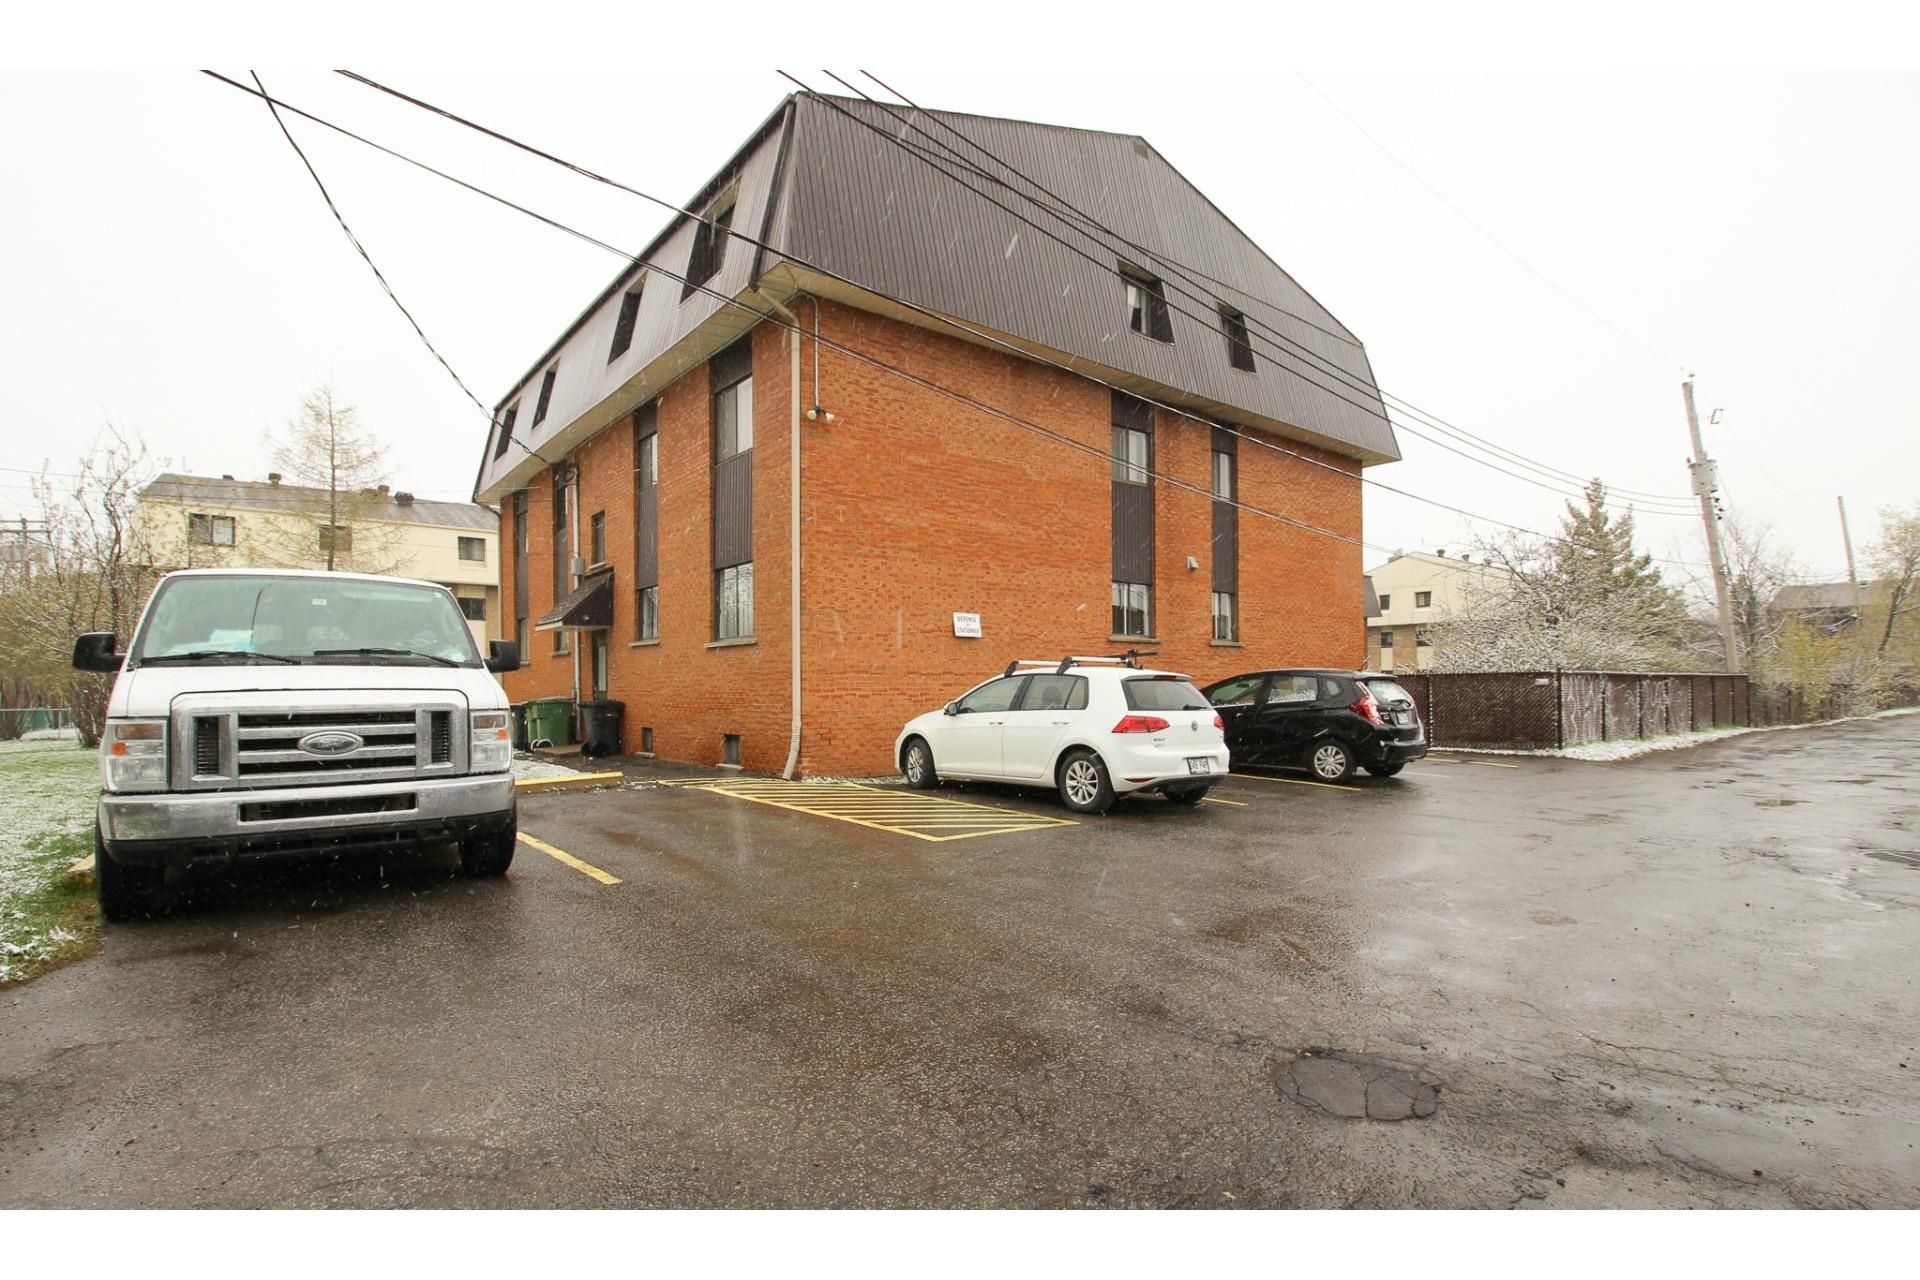 image 25 - Appartement À vendre Rivière-des-Prairies/Pointe-aux-Trembles Montréal  - 5 pièces